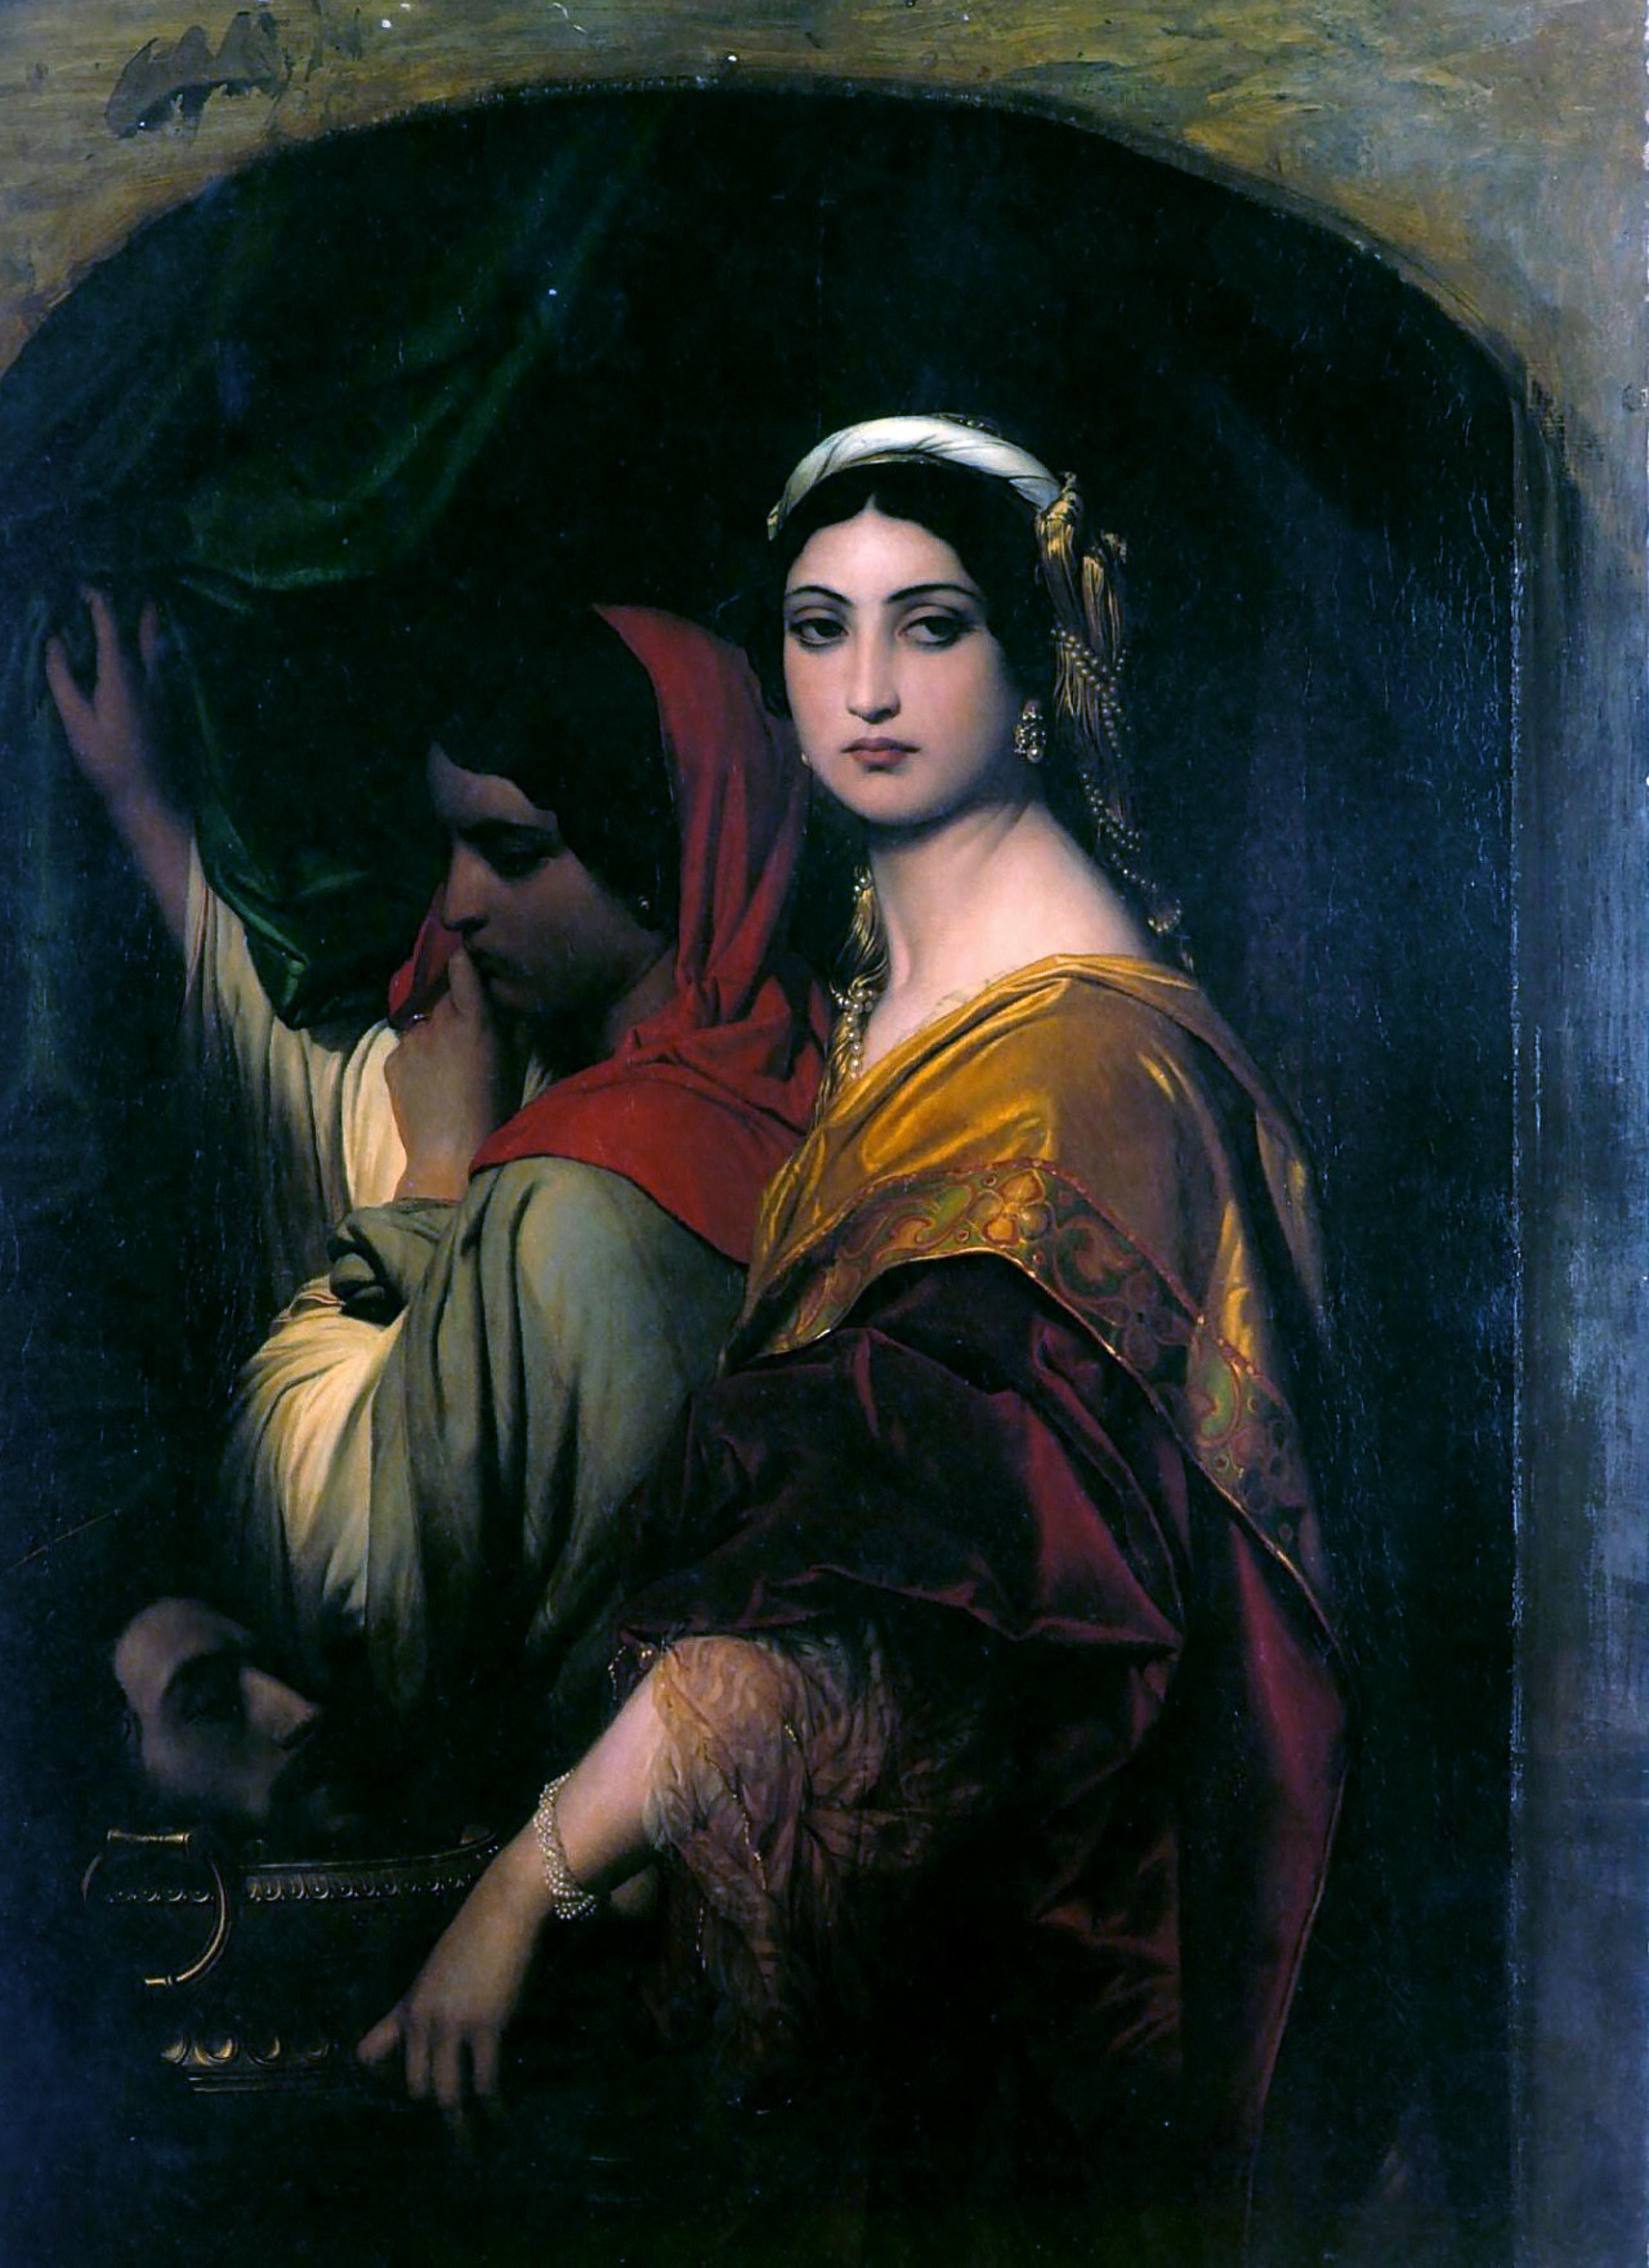 File:Herodias by Paul Delaroche.jpg